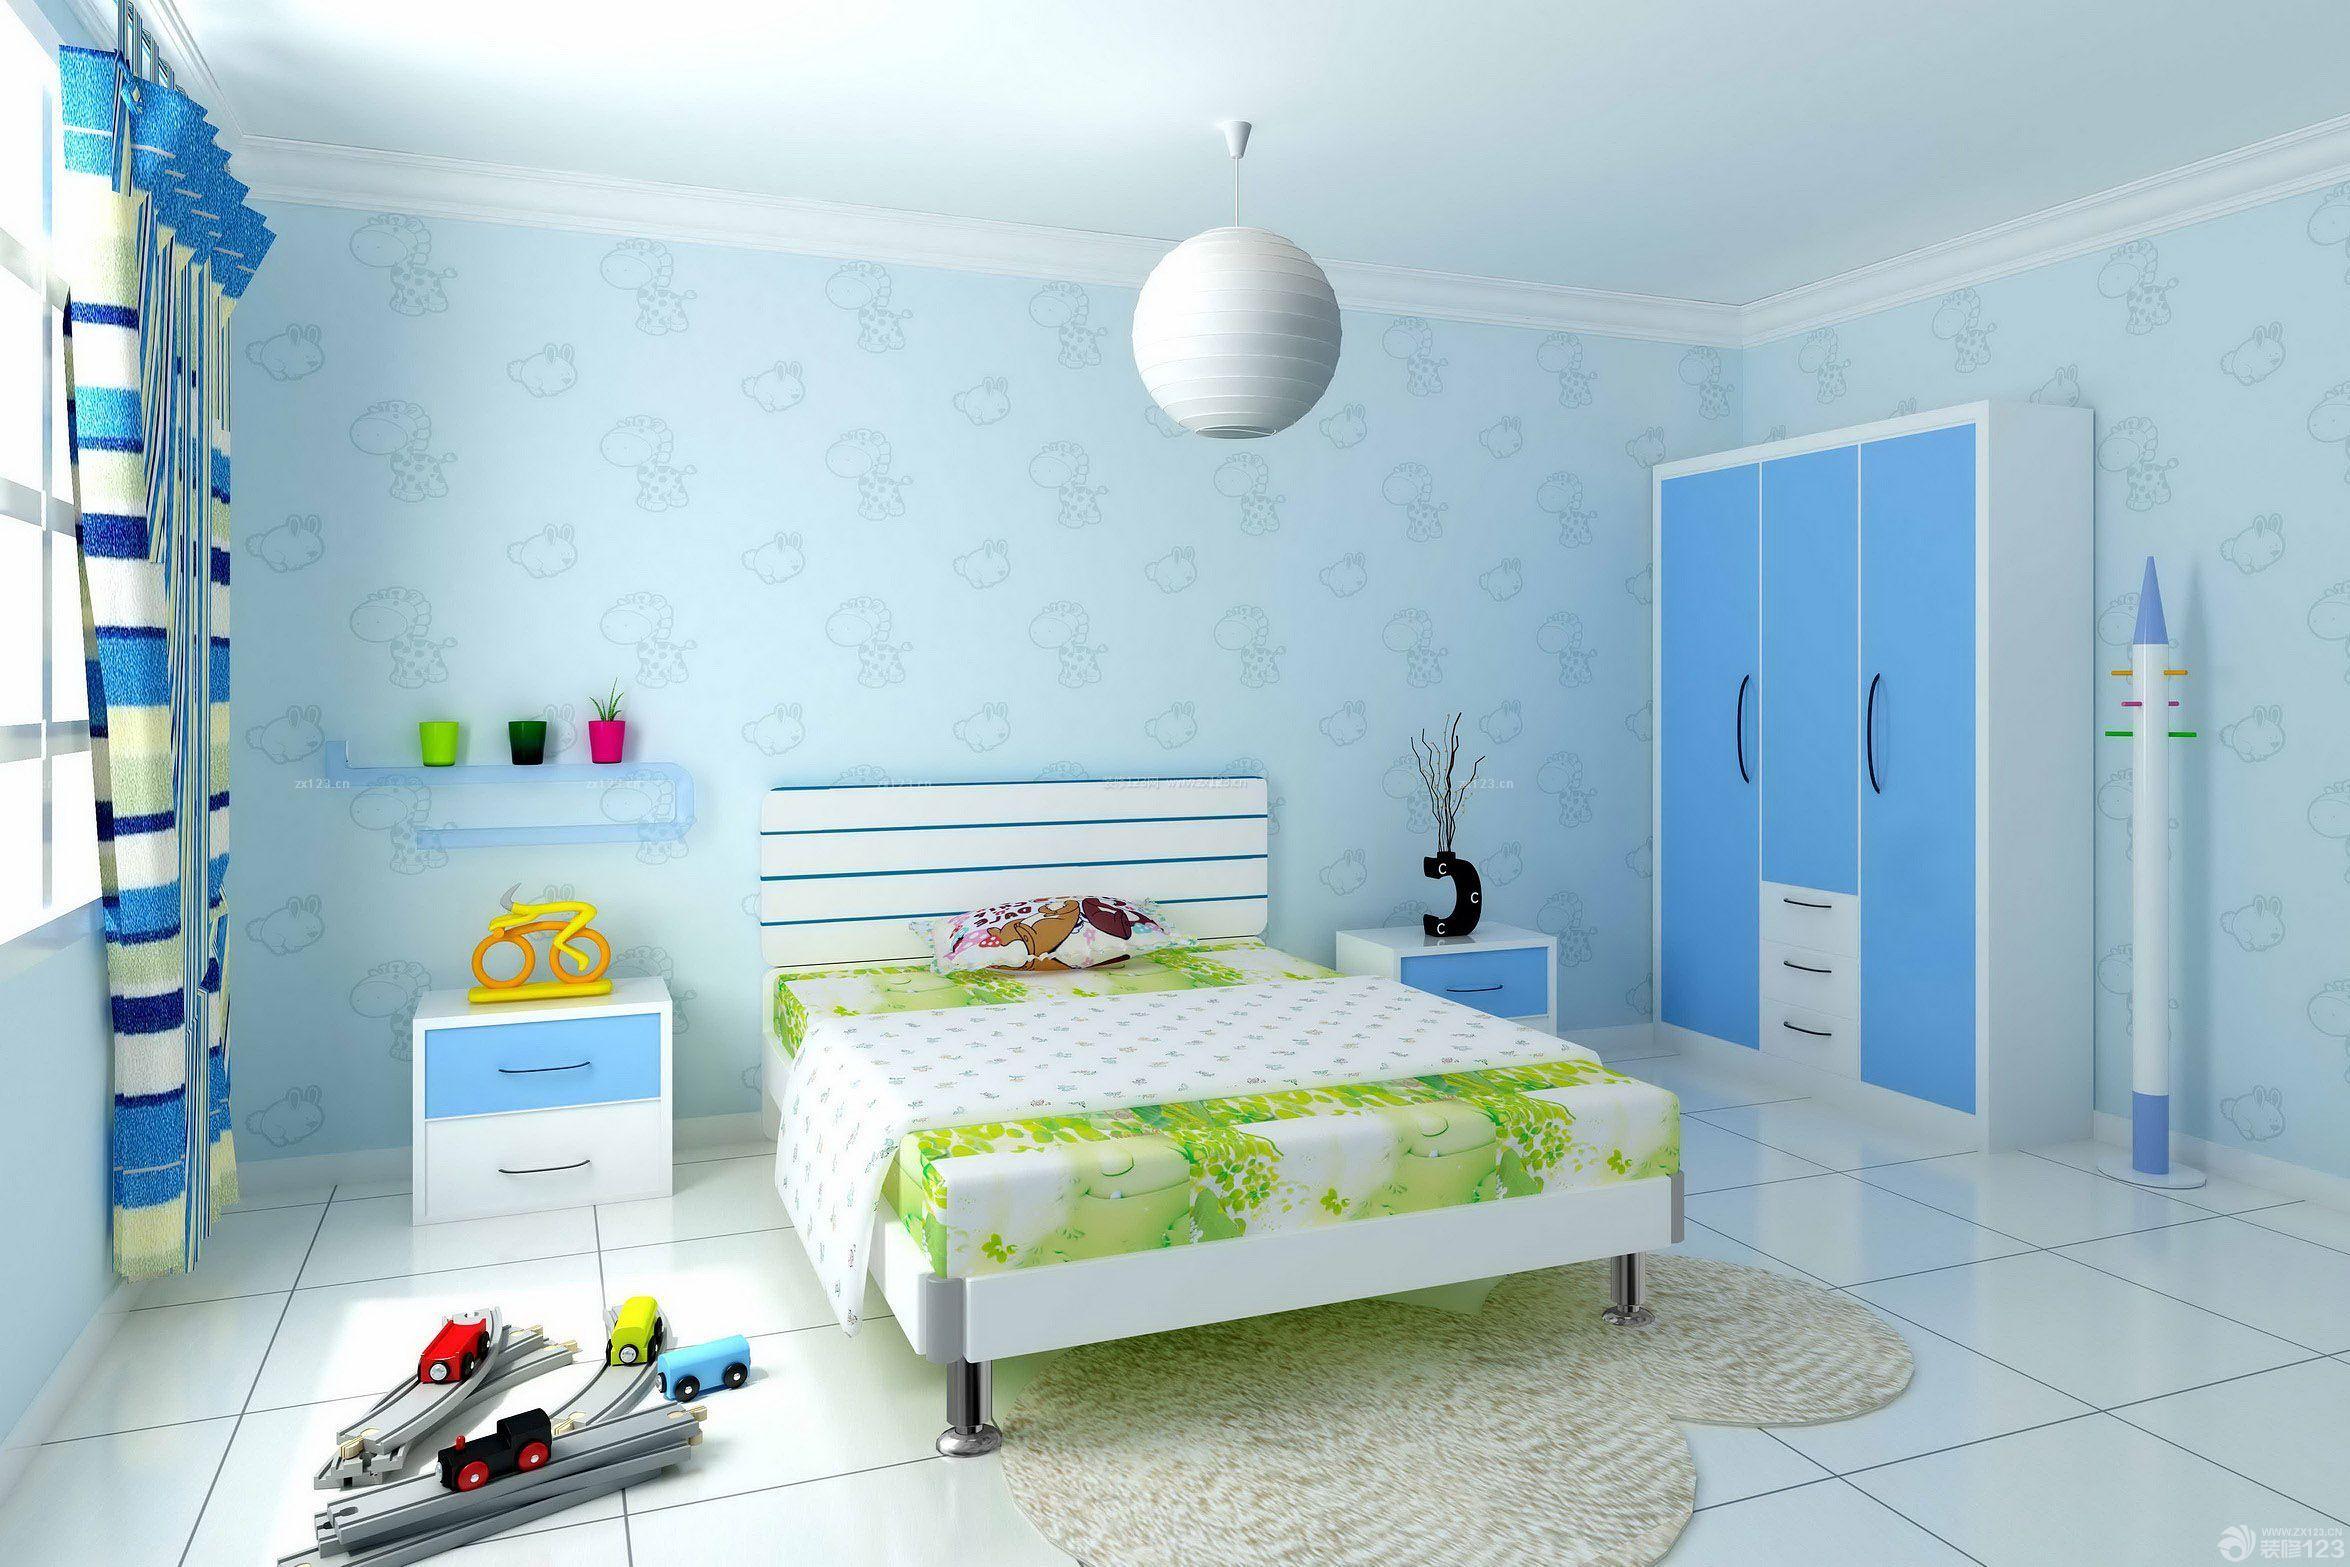 简约地中海风格100平米住宅儿童房装修图片